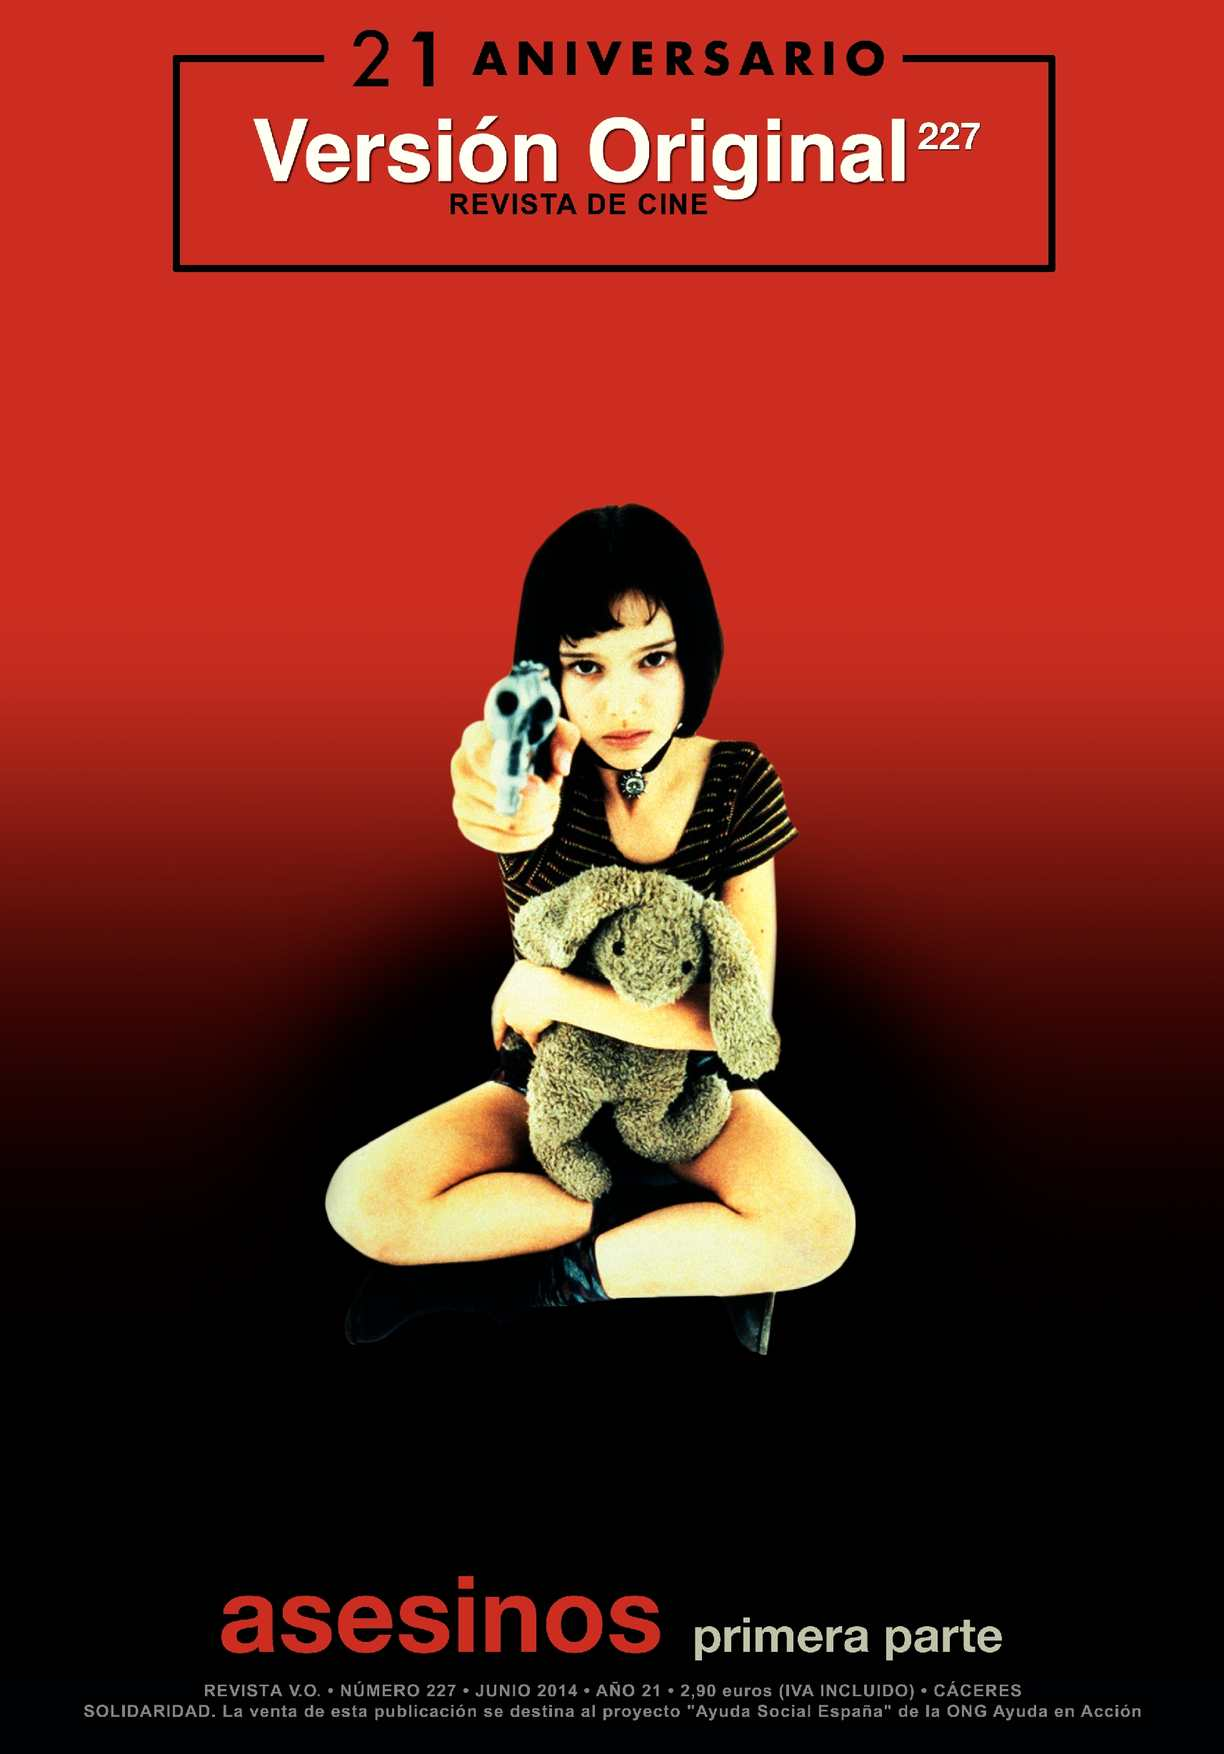 Revista de Cine Versión Original 227. Asesinos Primera Parte